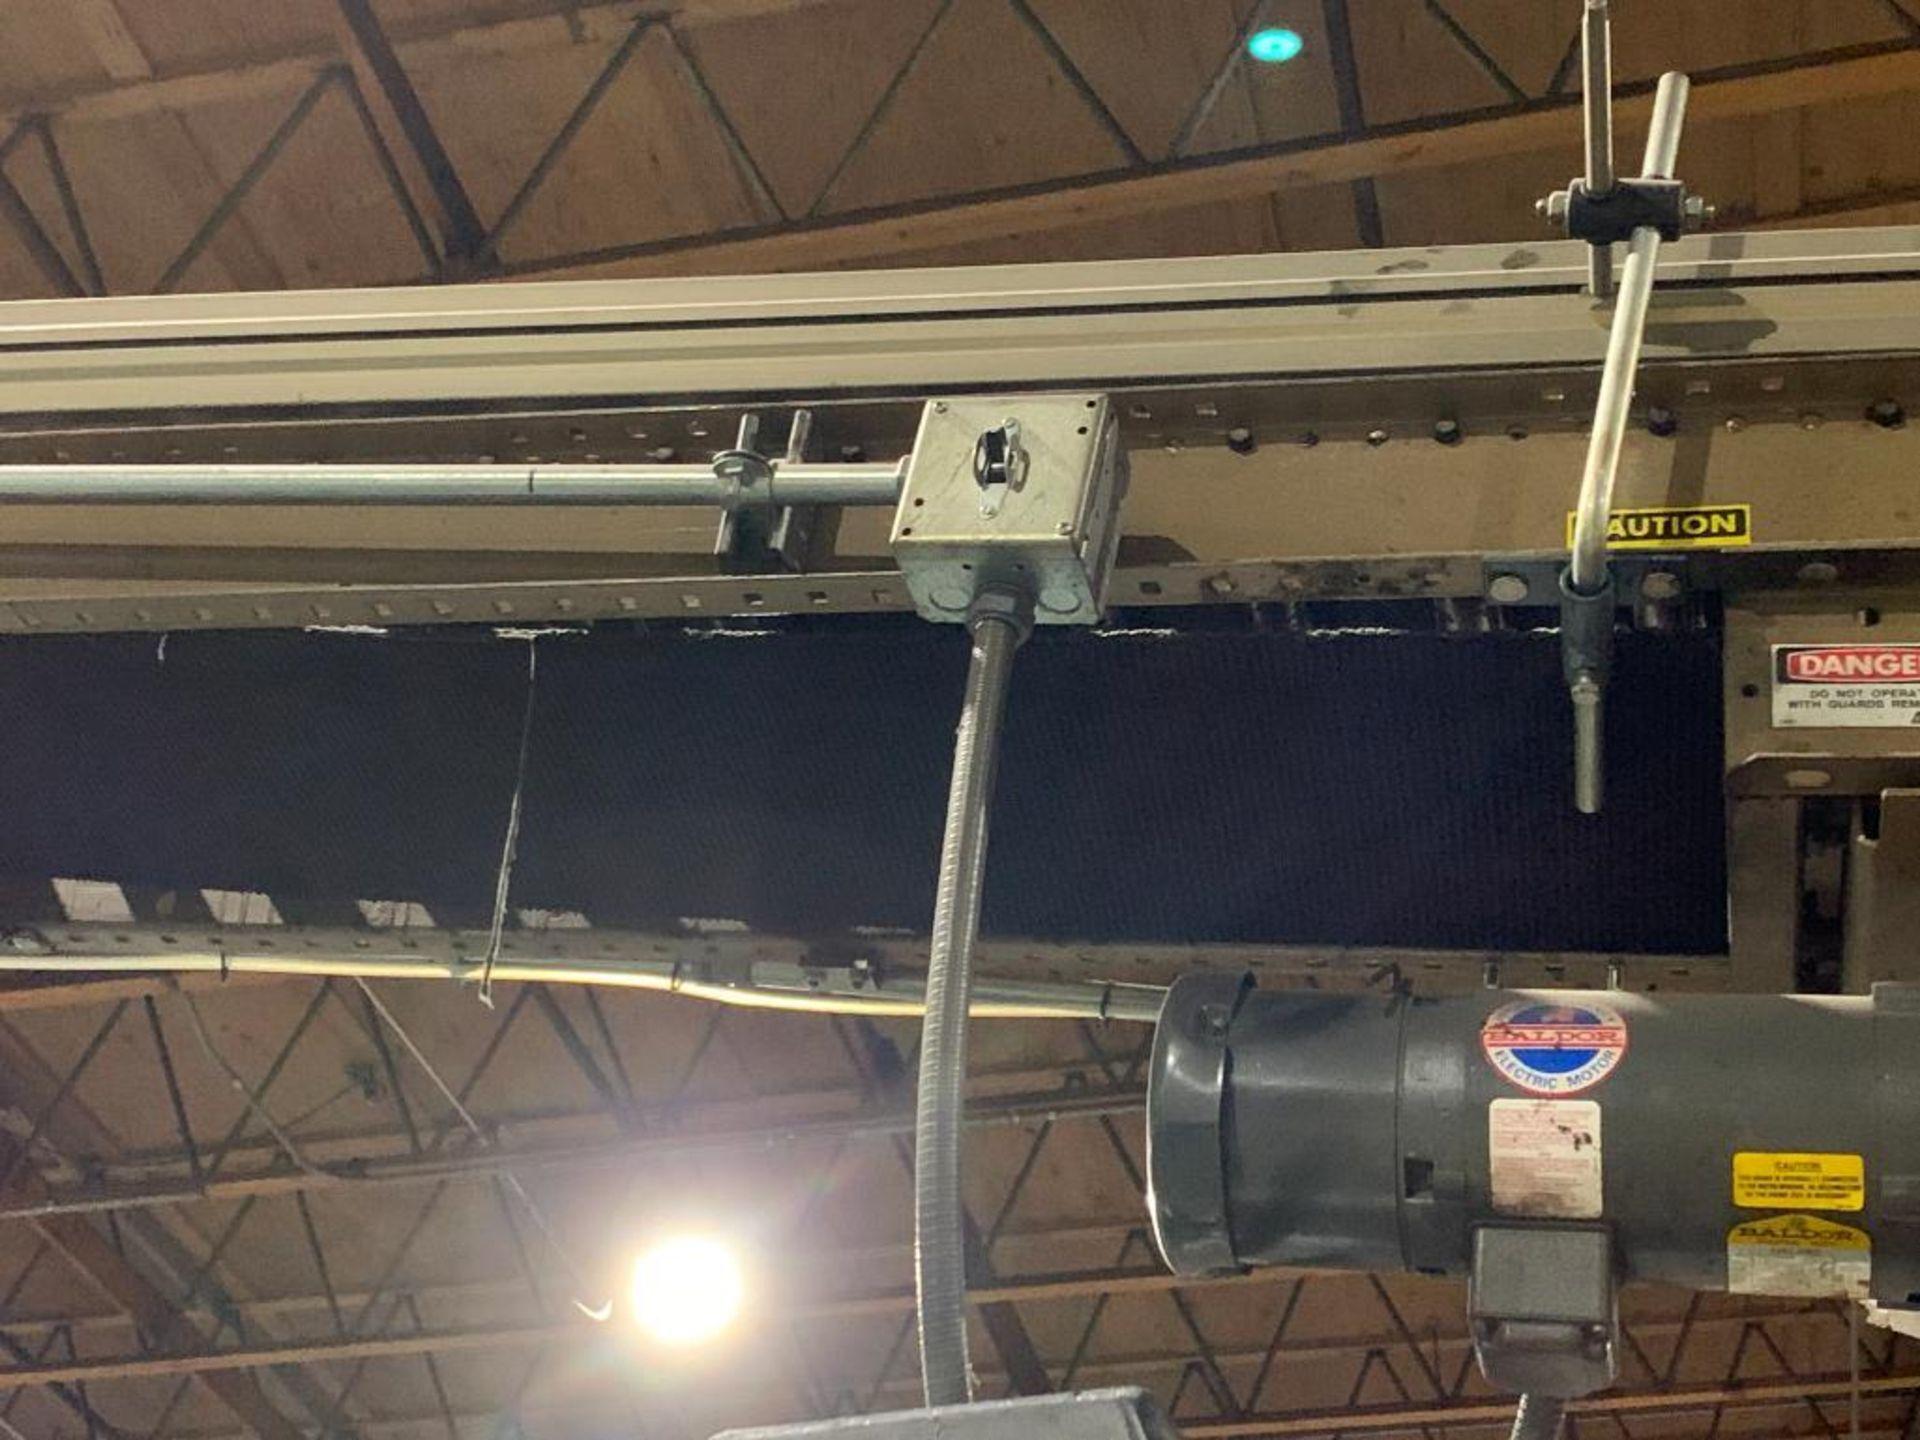 mild steel powered belt conveyor, decline - Image 5 of 14